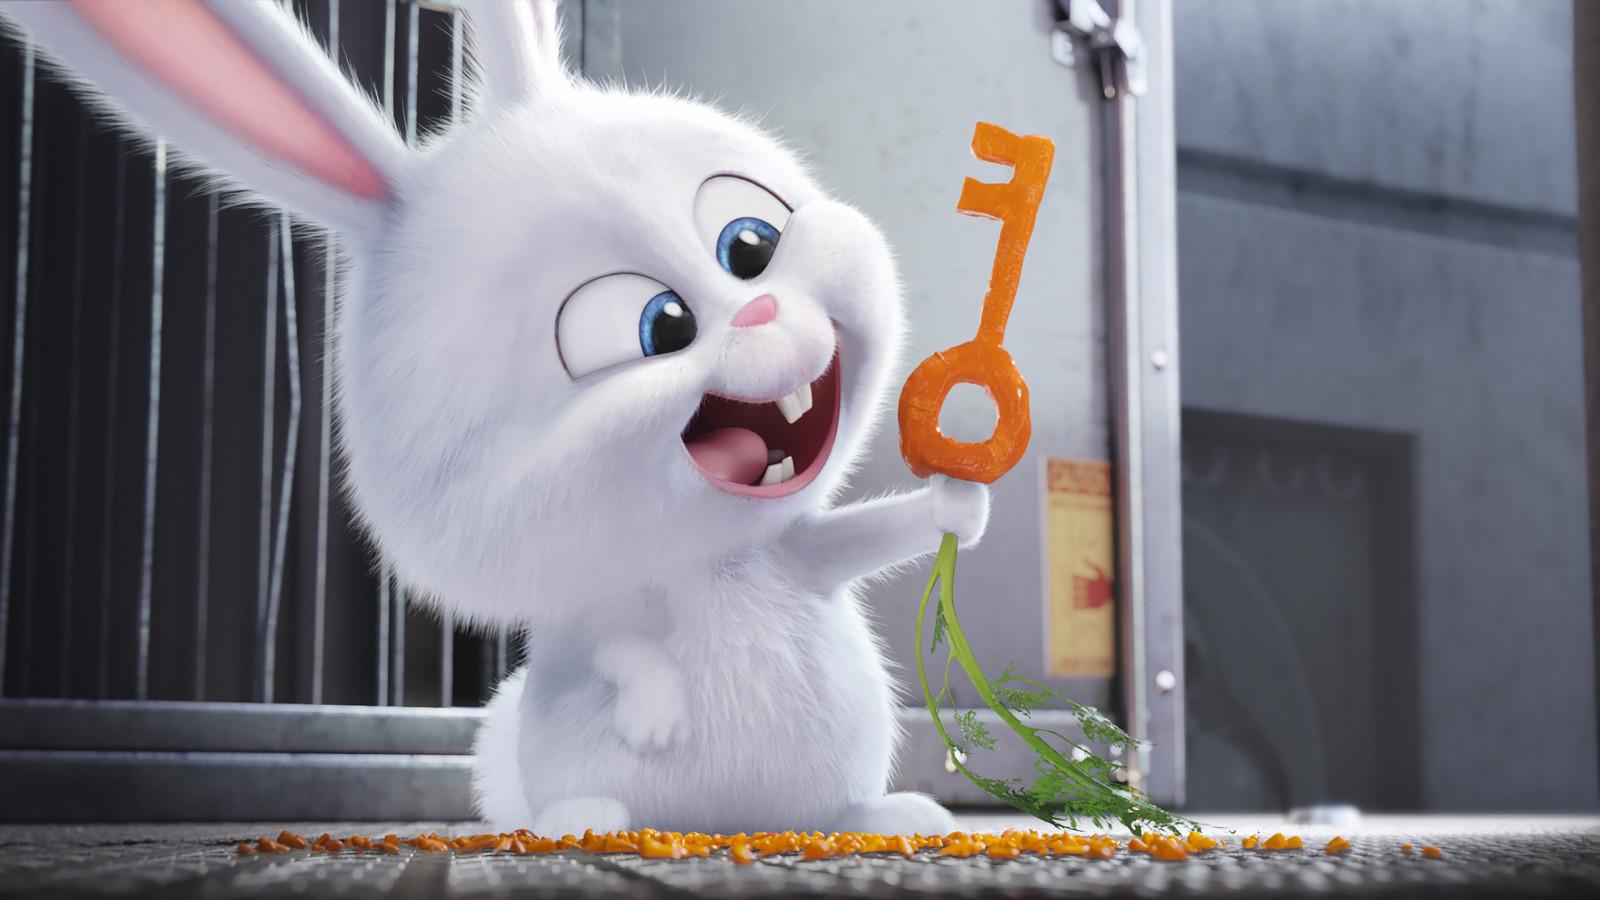 デスクトップ壁紙 白 ネコ 映画 ペットの秘密の生活 ぬいぐるみ